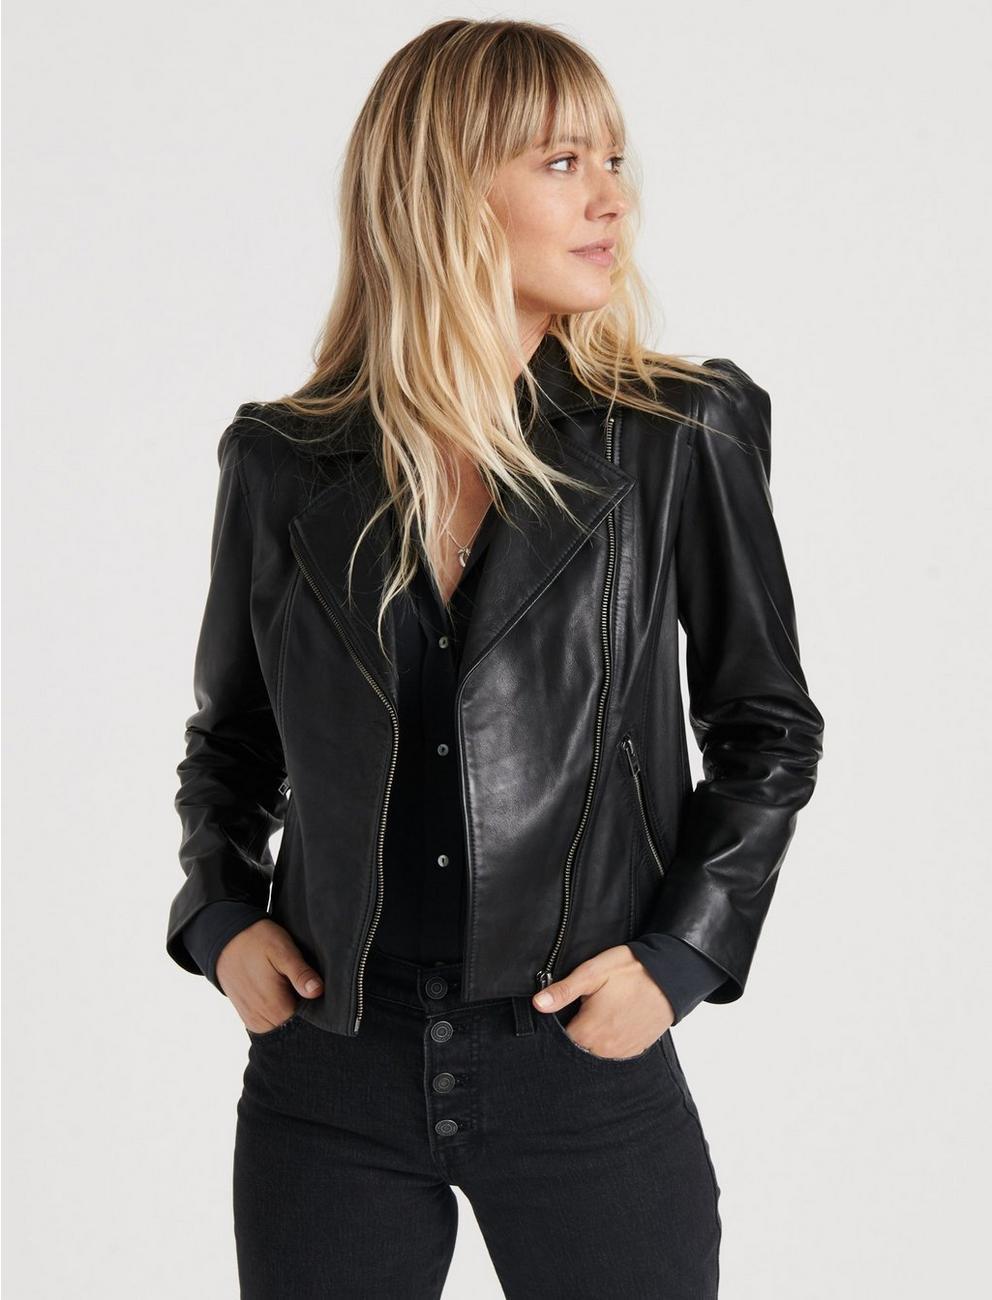 Puff Sleeve Leather Moto Jacket Moto jacket, Jackets